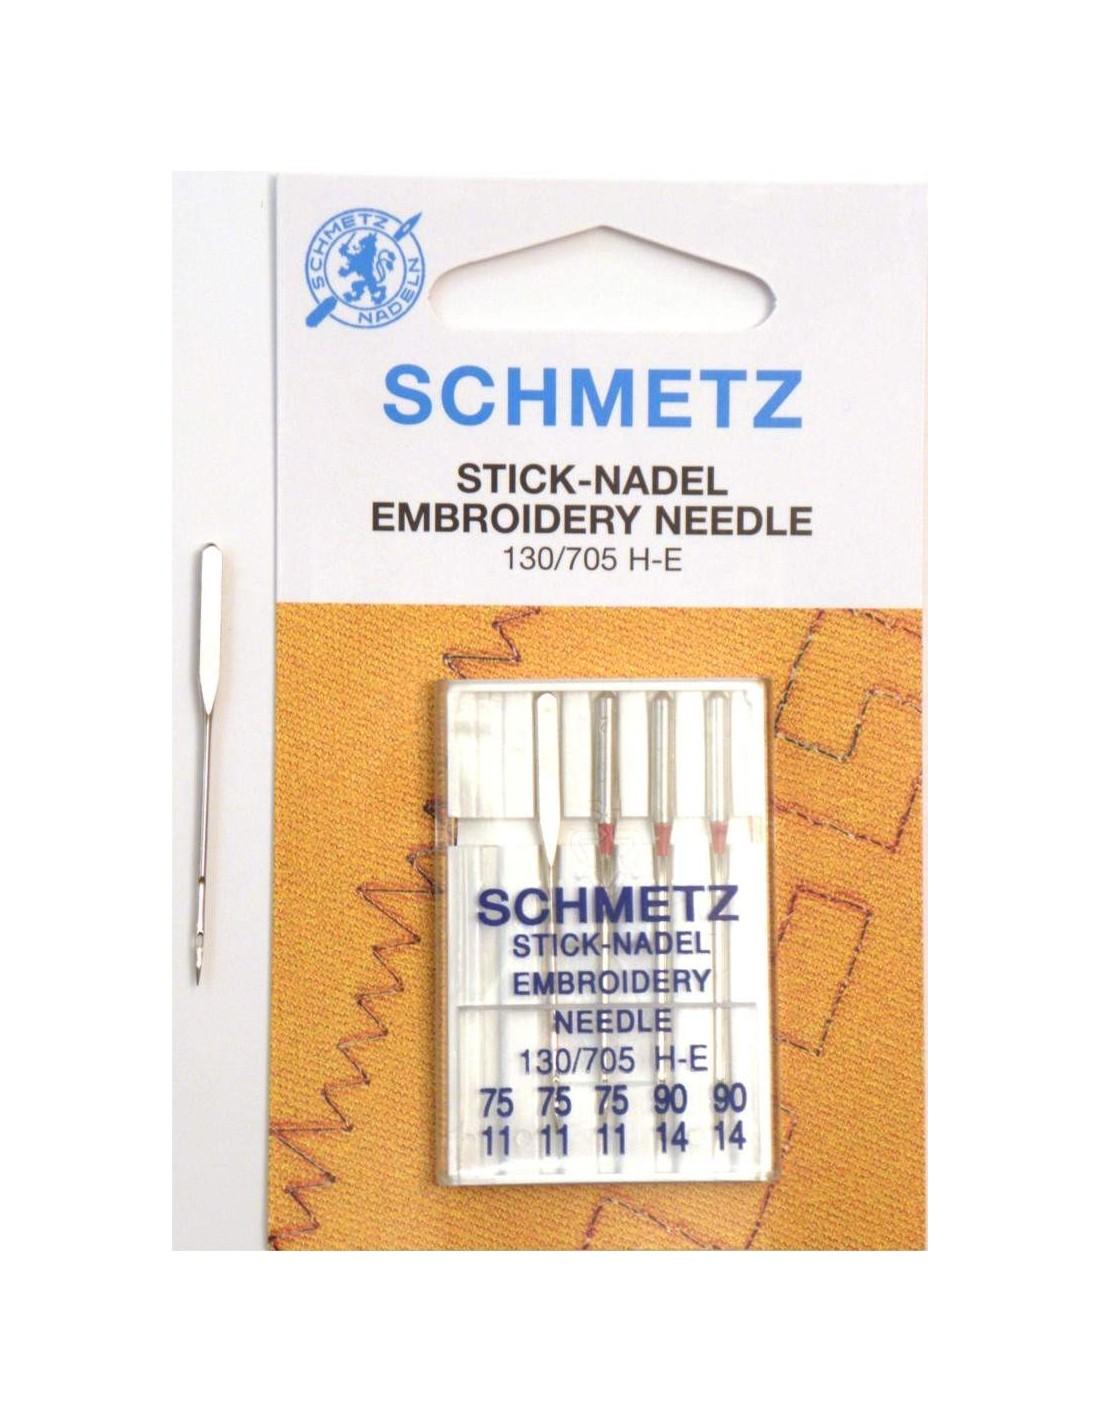 Aghi schmetz embroidery per macchine da cucire ricamatrici for Aghi macchina da cucire